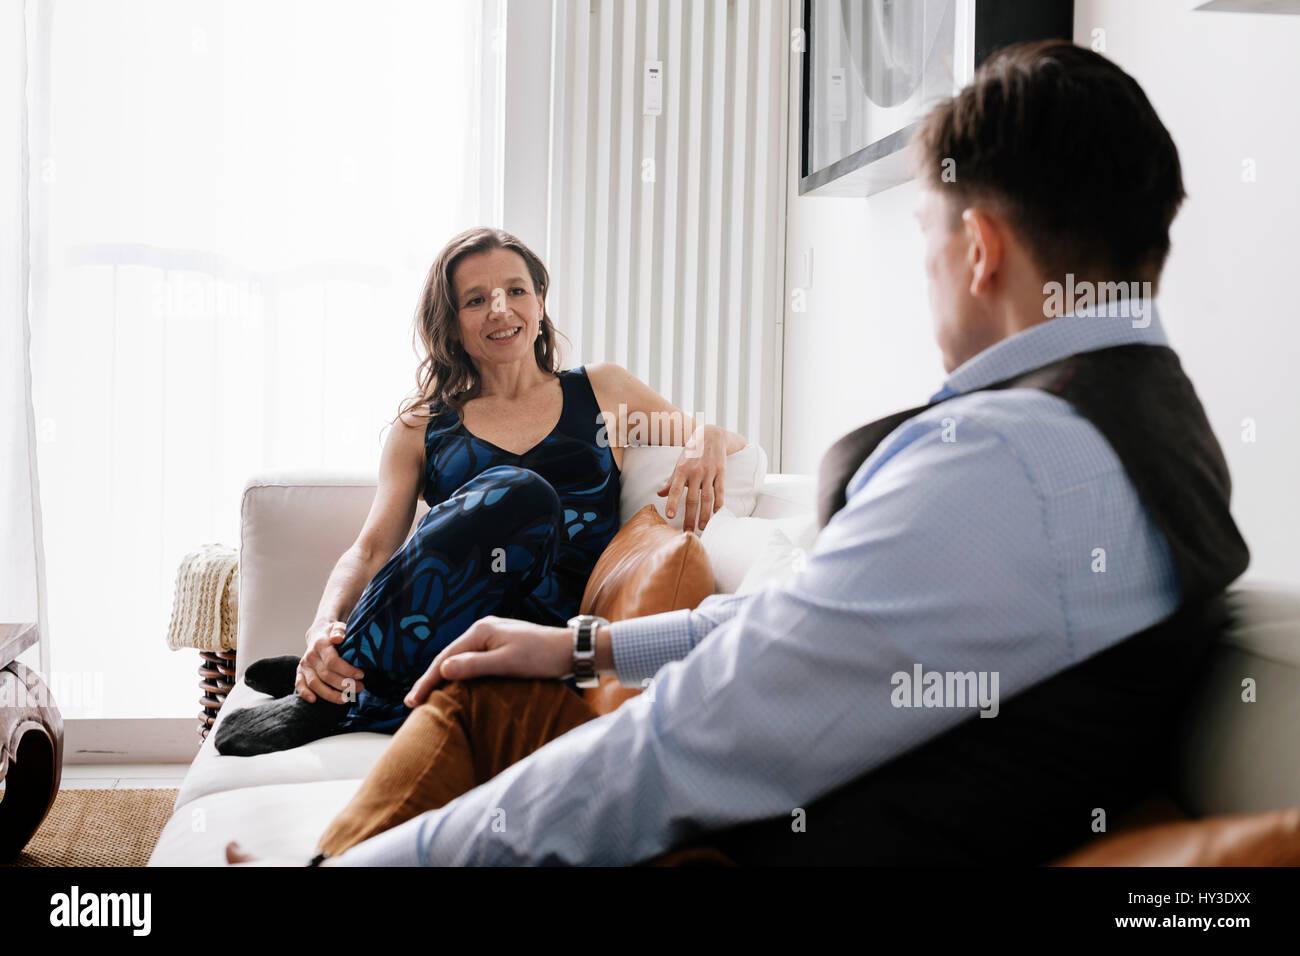 Germany, Couple sitting on sofa - Stock Image